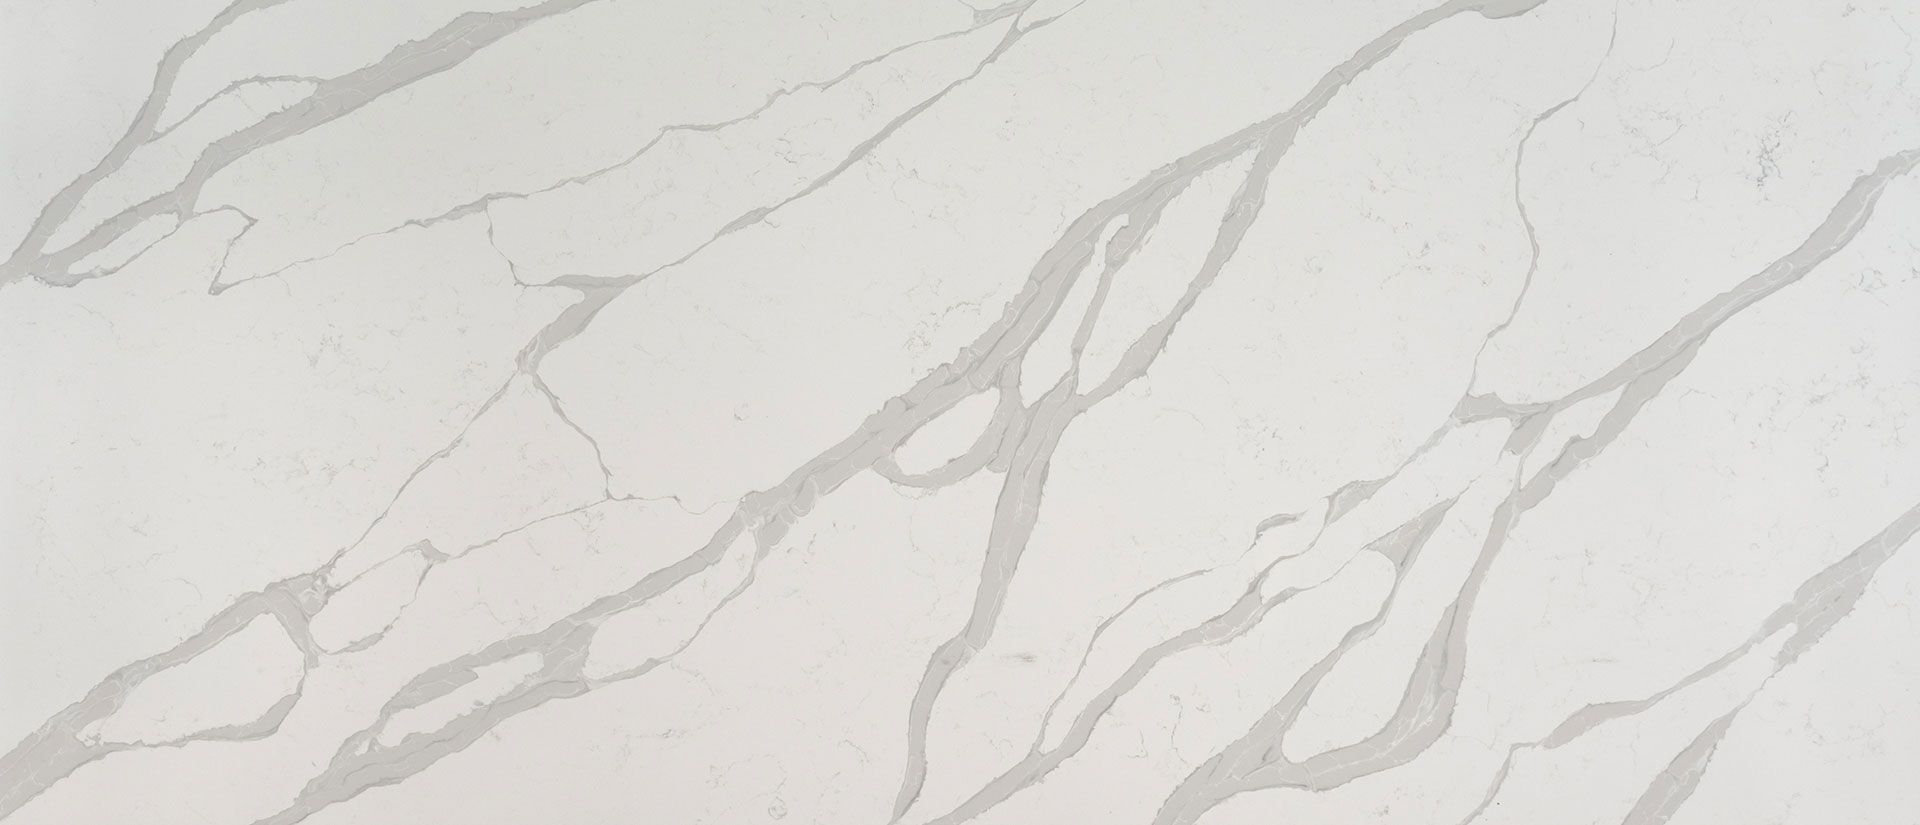 Best Calacatta Luccia Msi Quartz With Images Calacatta 400 x 300